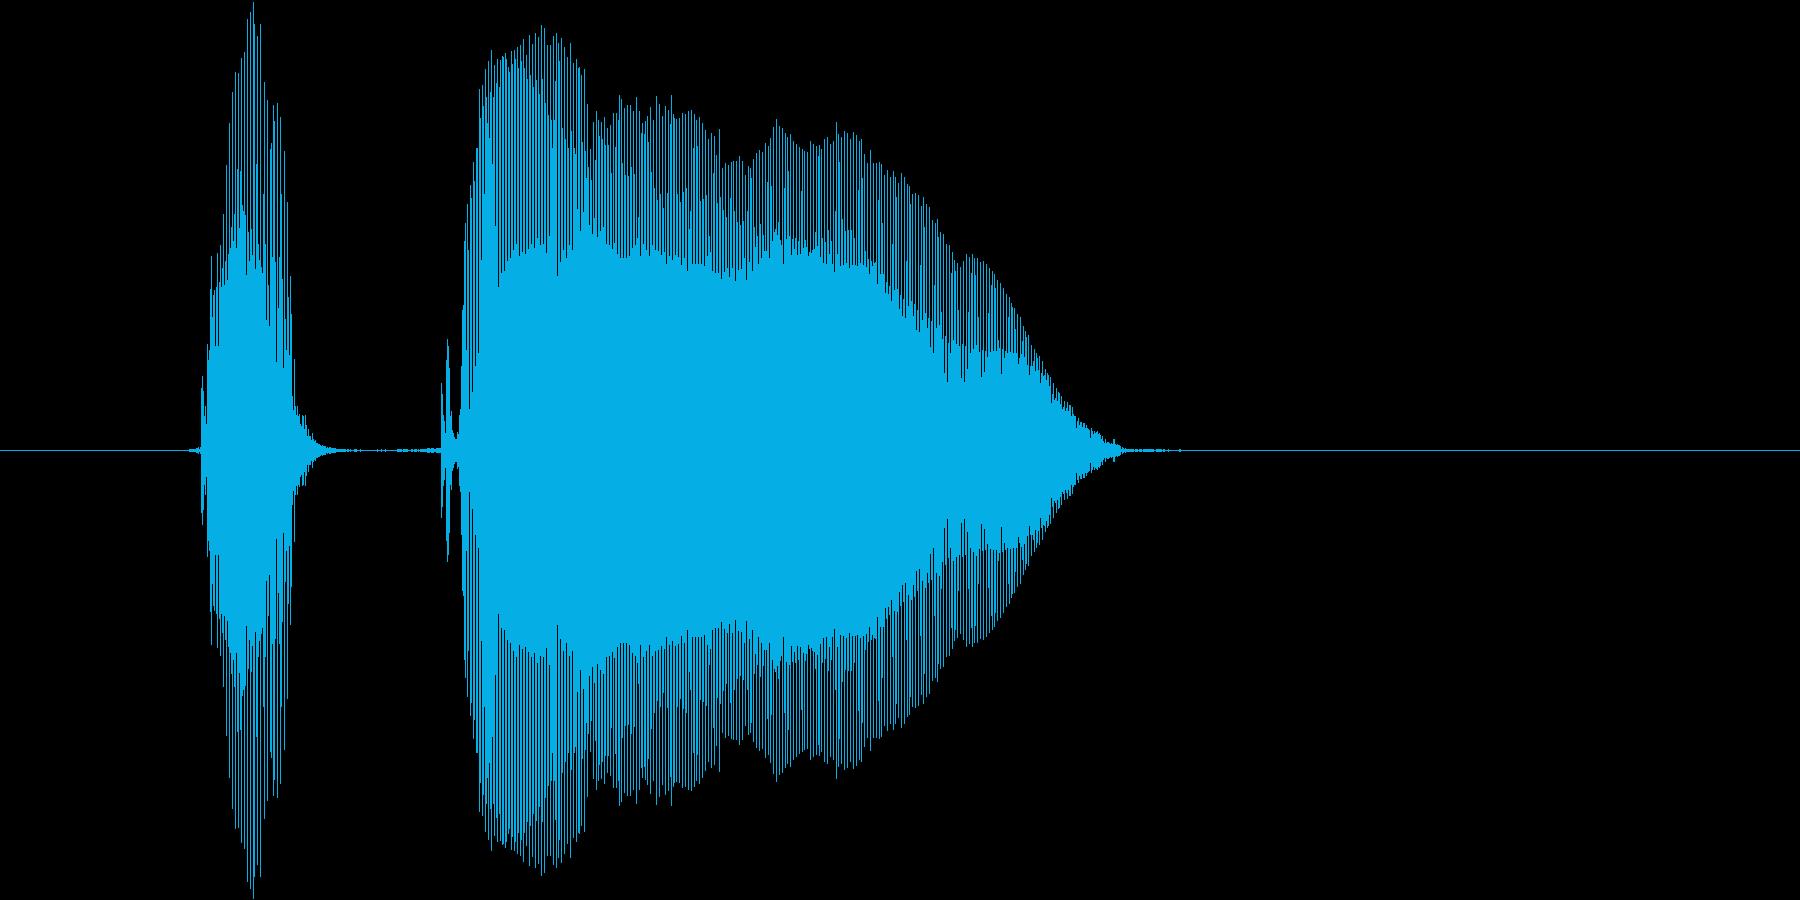 「パコーン」の再生済みの波形